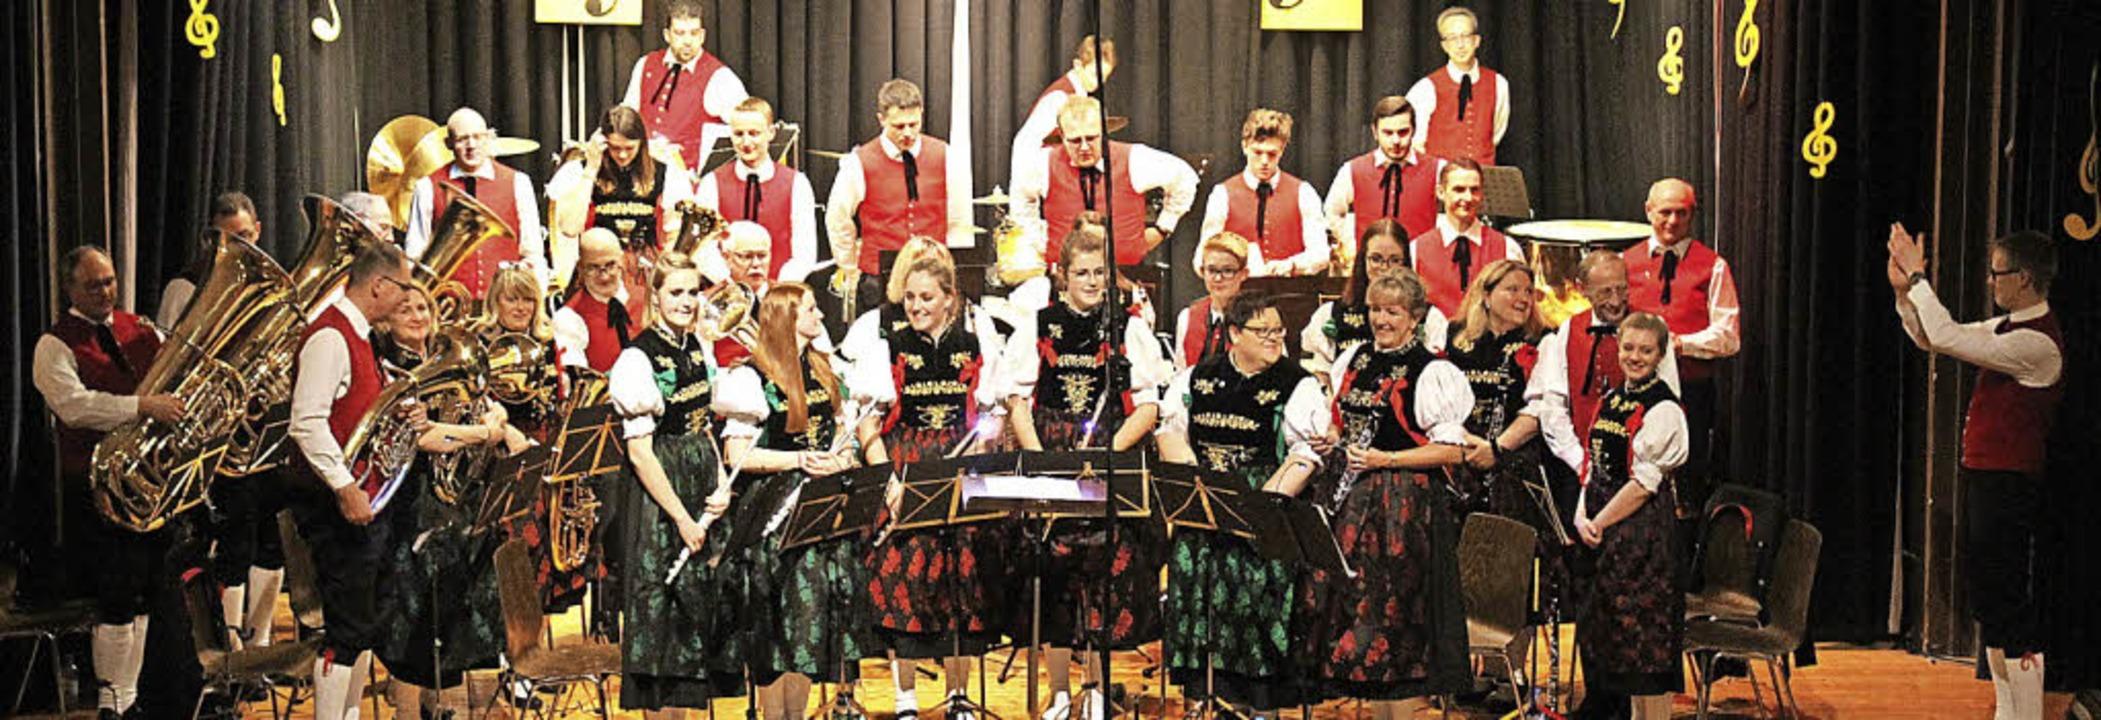 Rauschenden Applaus gab es für die Mus...en  Dirigenten Jochen Stich (rechts).   | Foto: Cornelia Liebwein